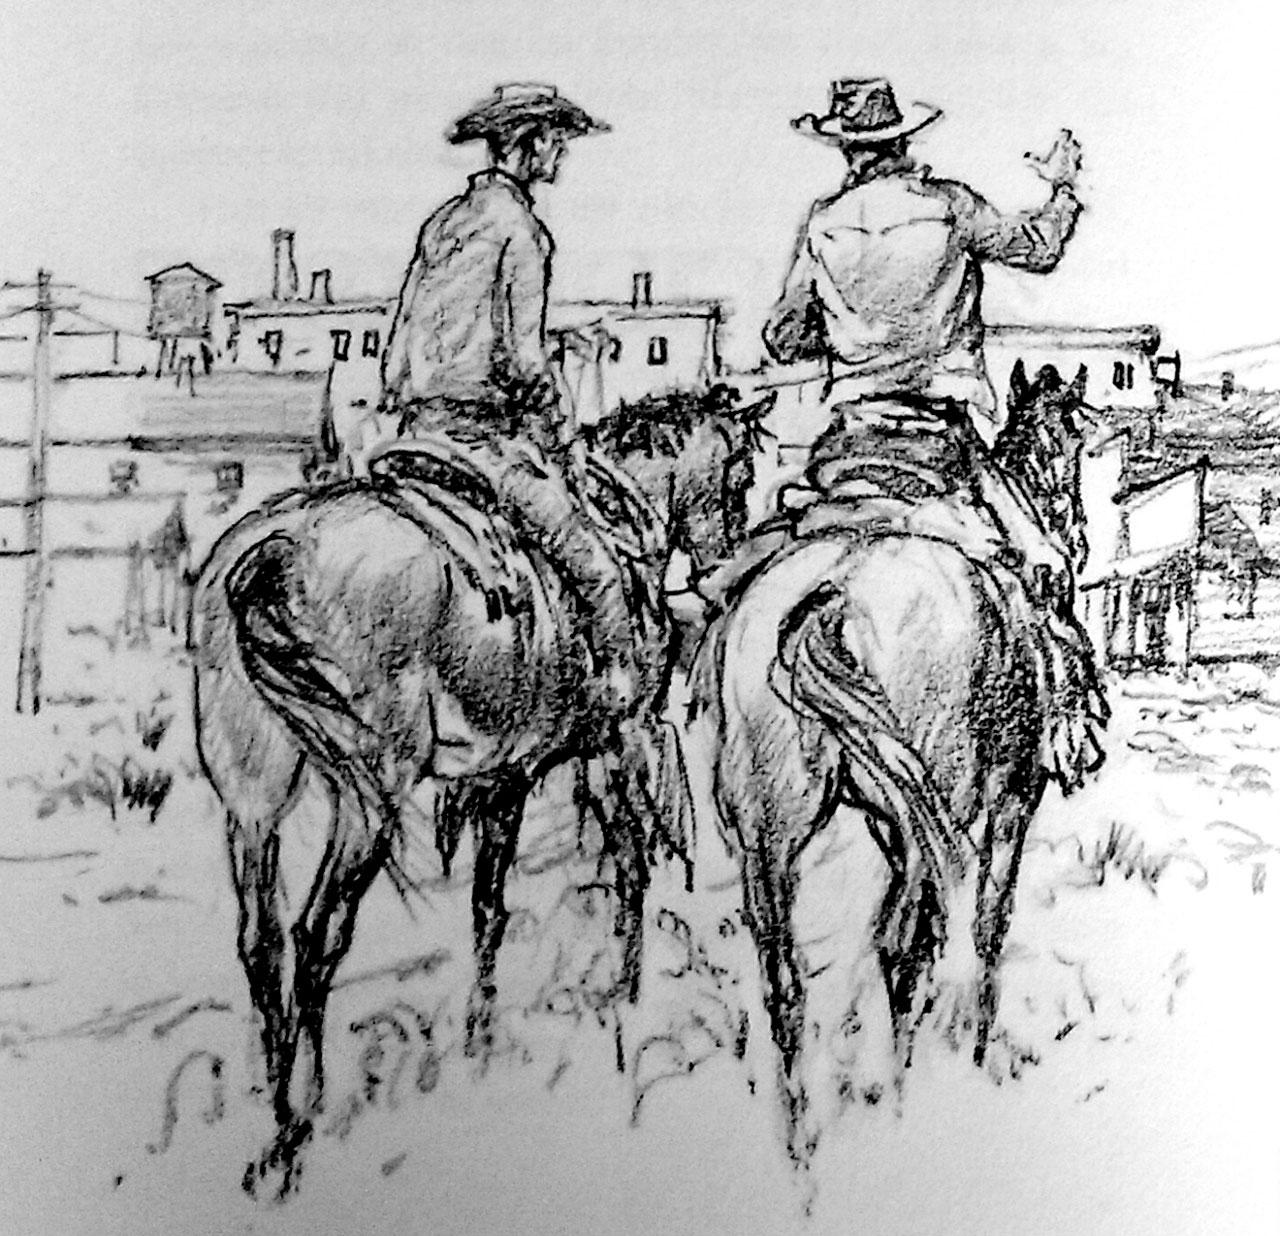 A Ben Green Cowboy Ride-Along